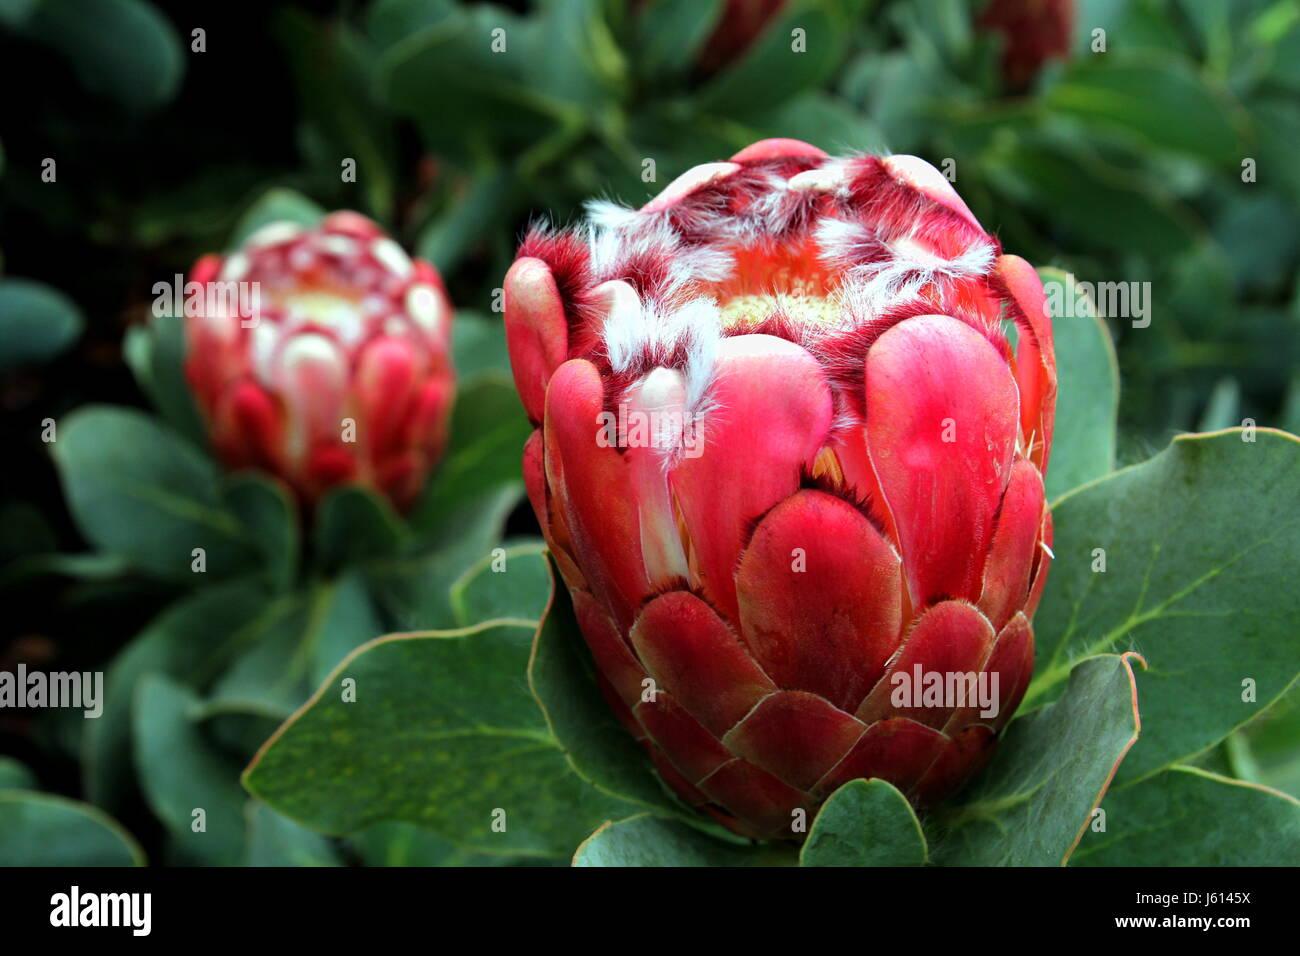 Fleur A Bulbe Rouge Vif Avec Fourrure Blanche Et De Touffes De